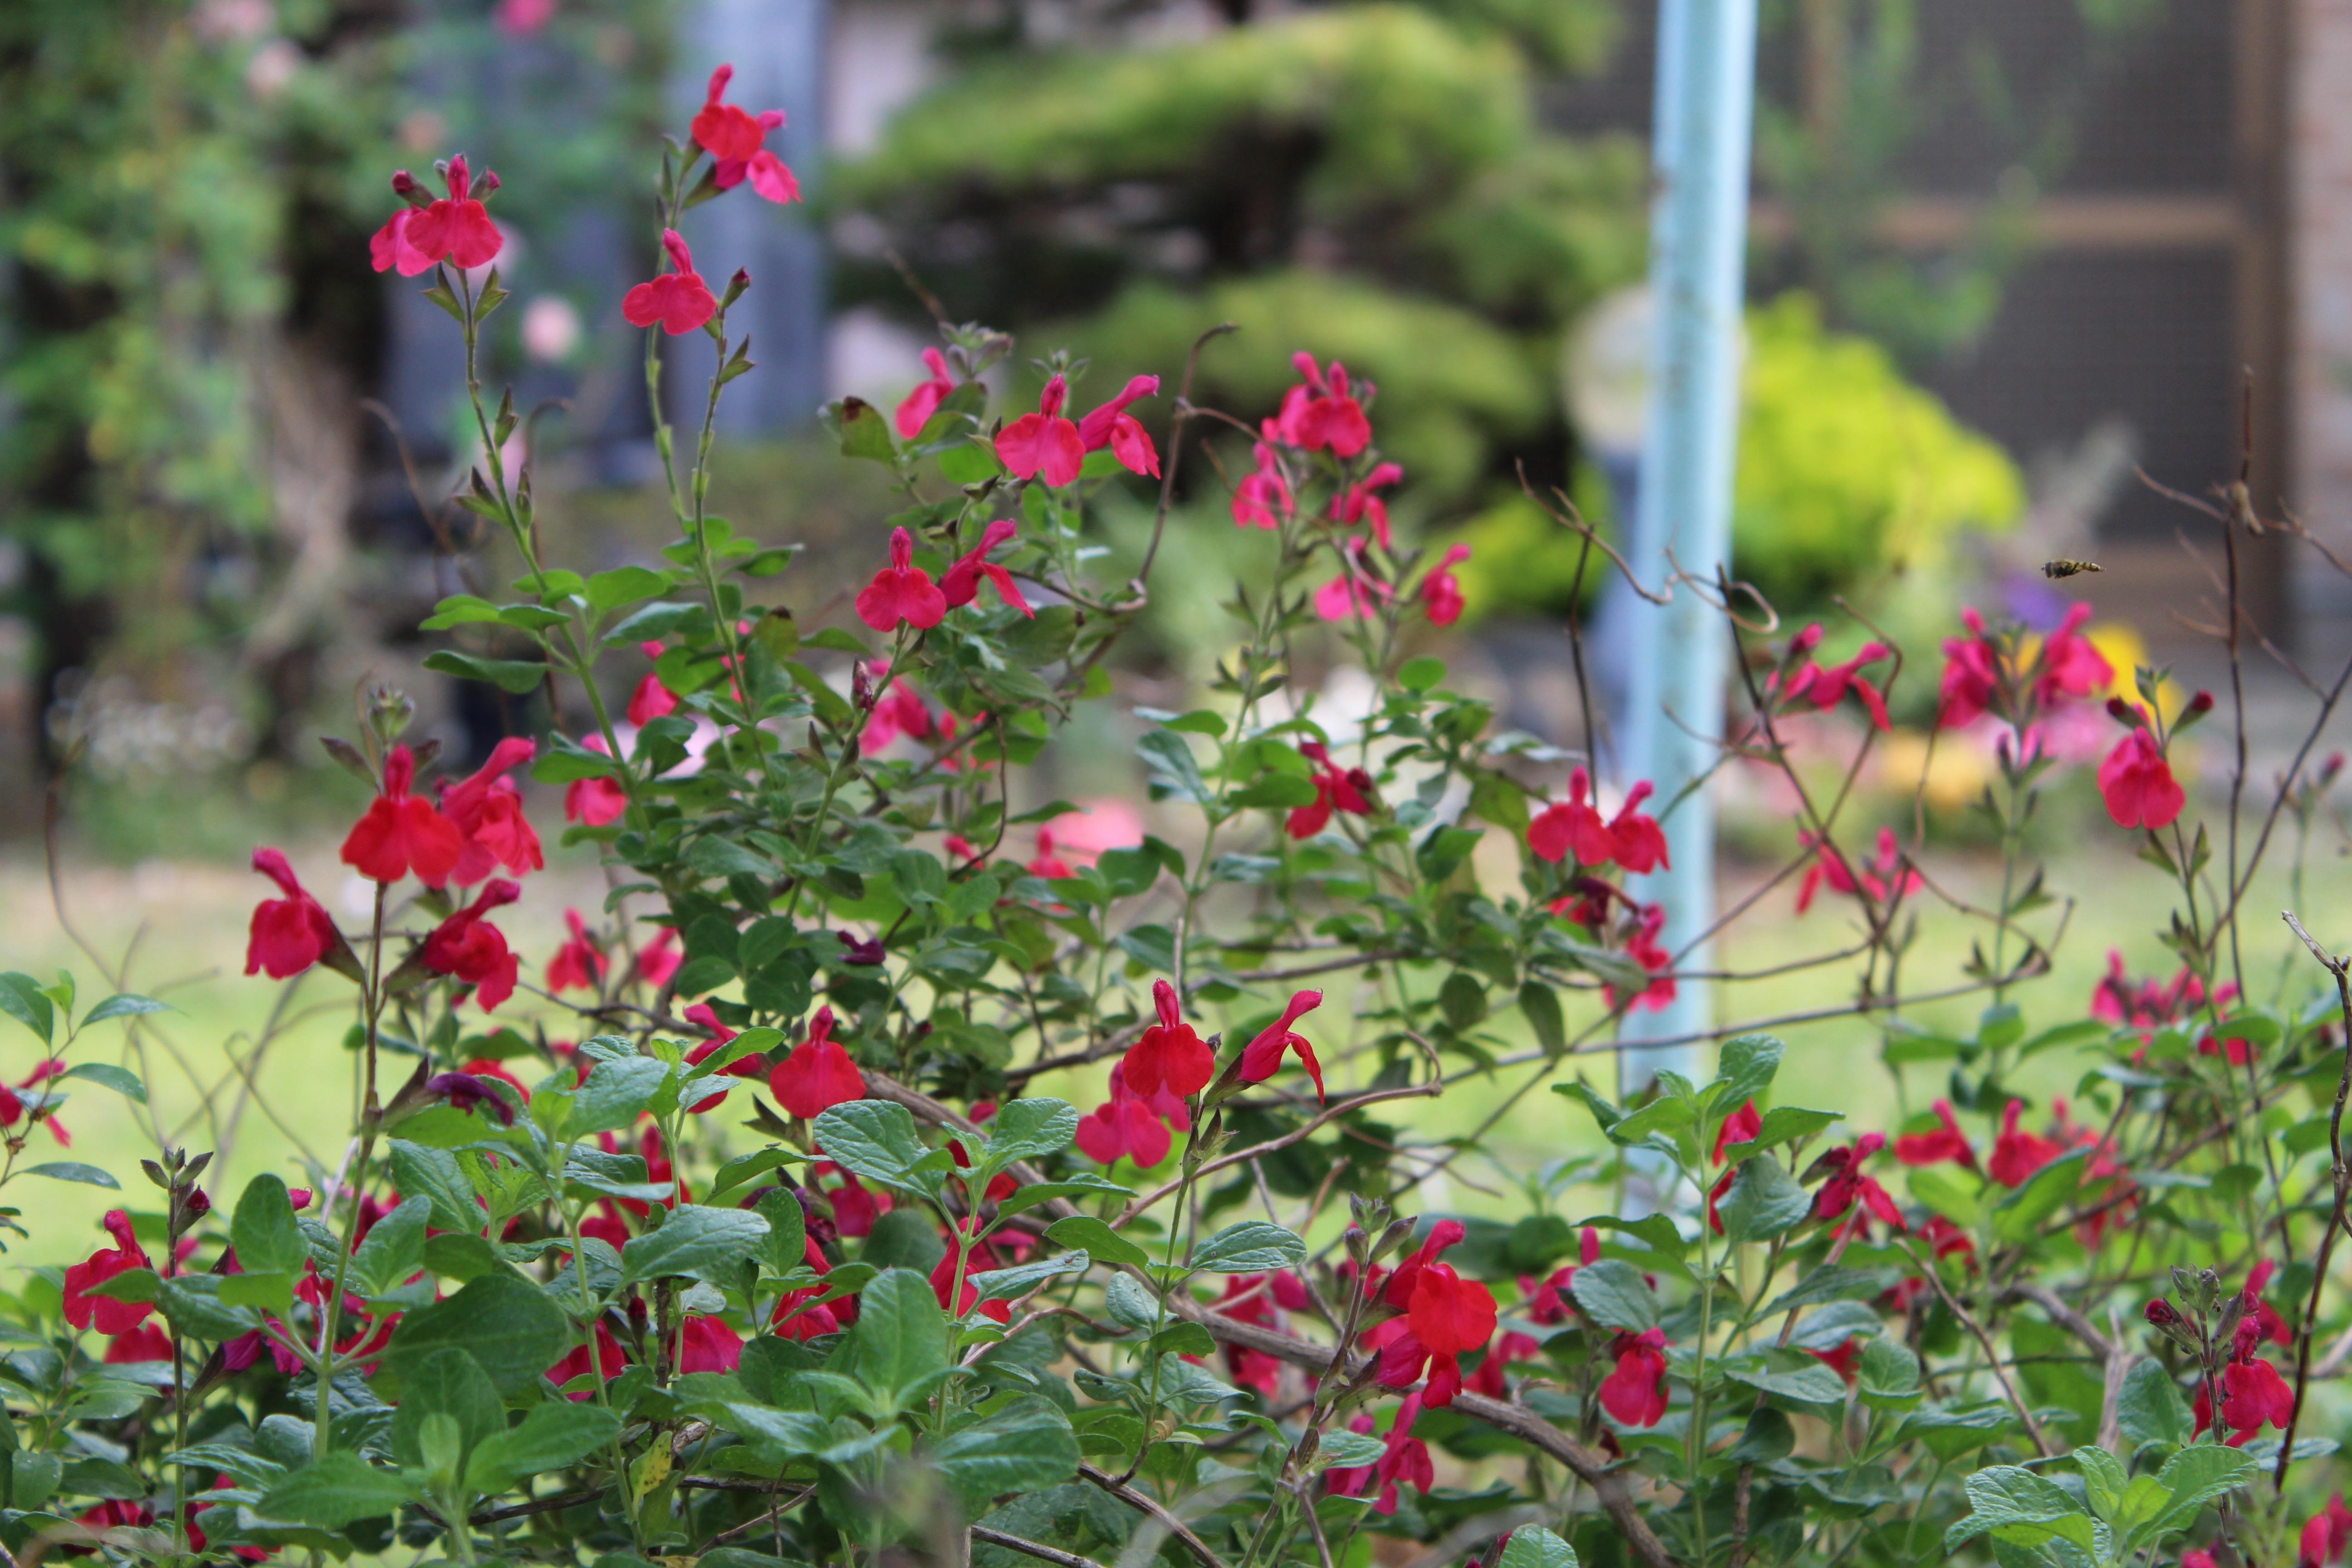 チェリーセージの情熱の赤い花がたくさん咲いてきました。